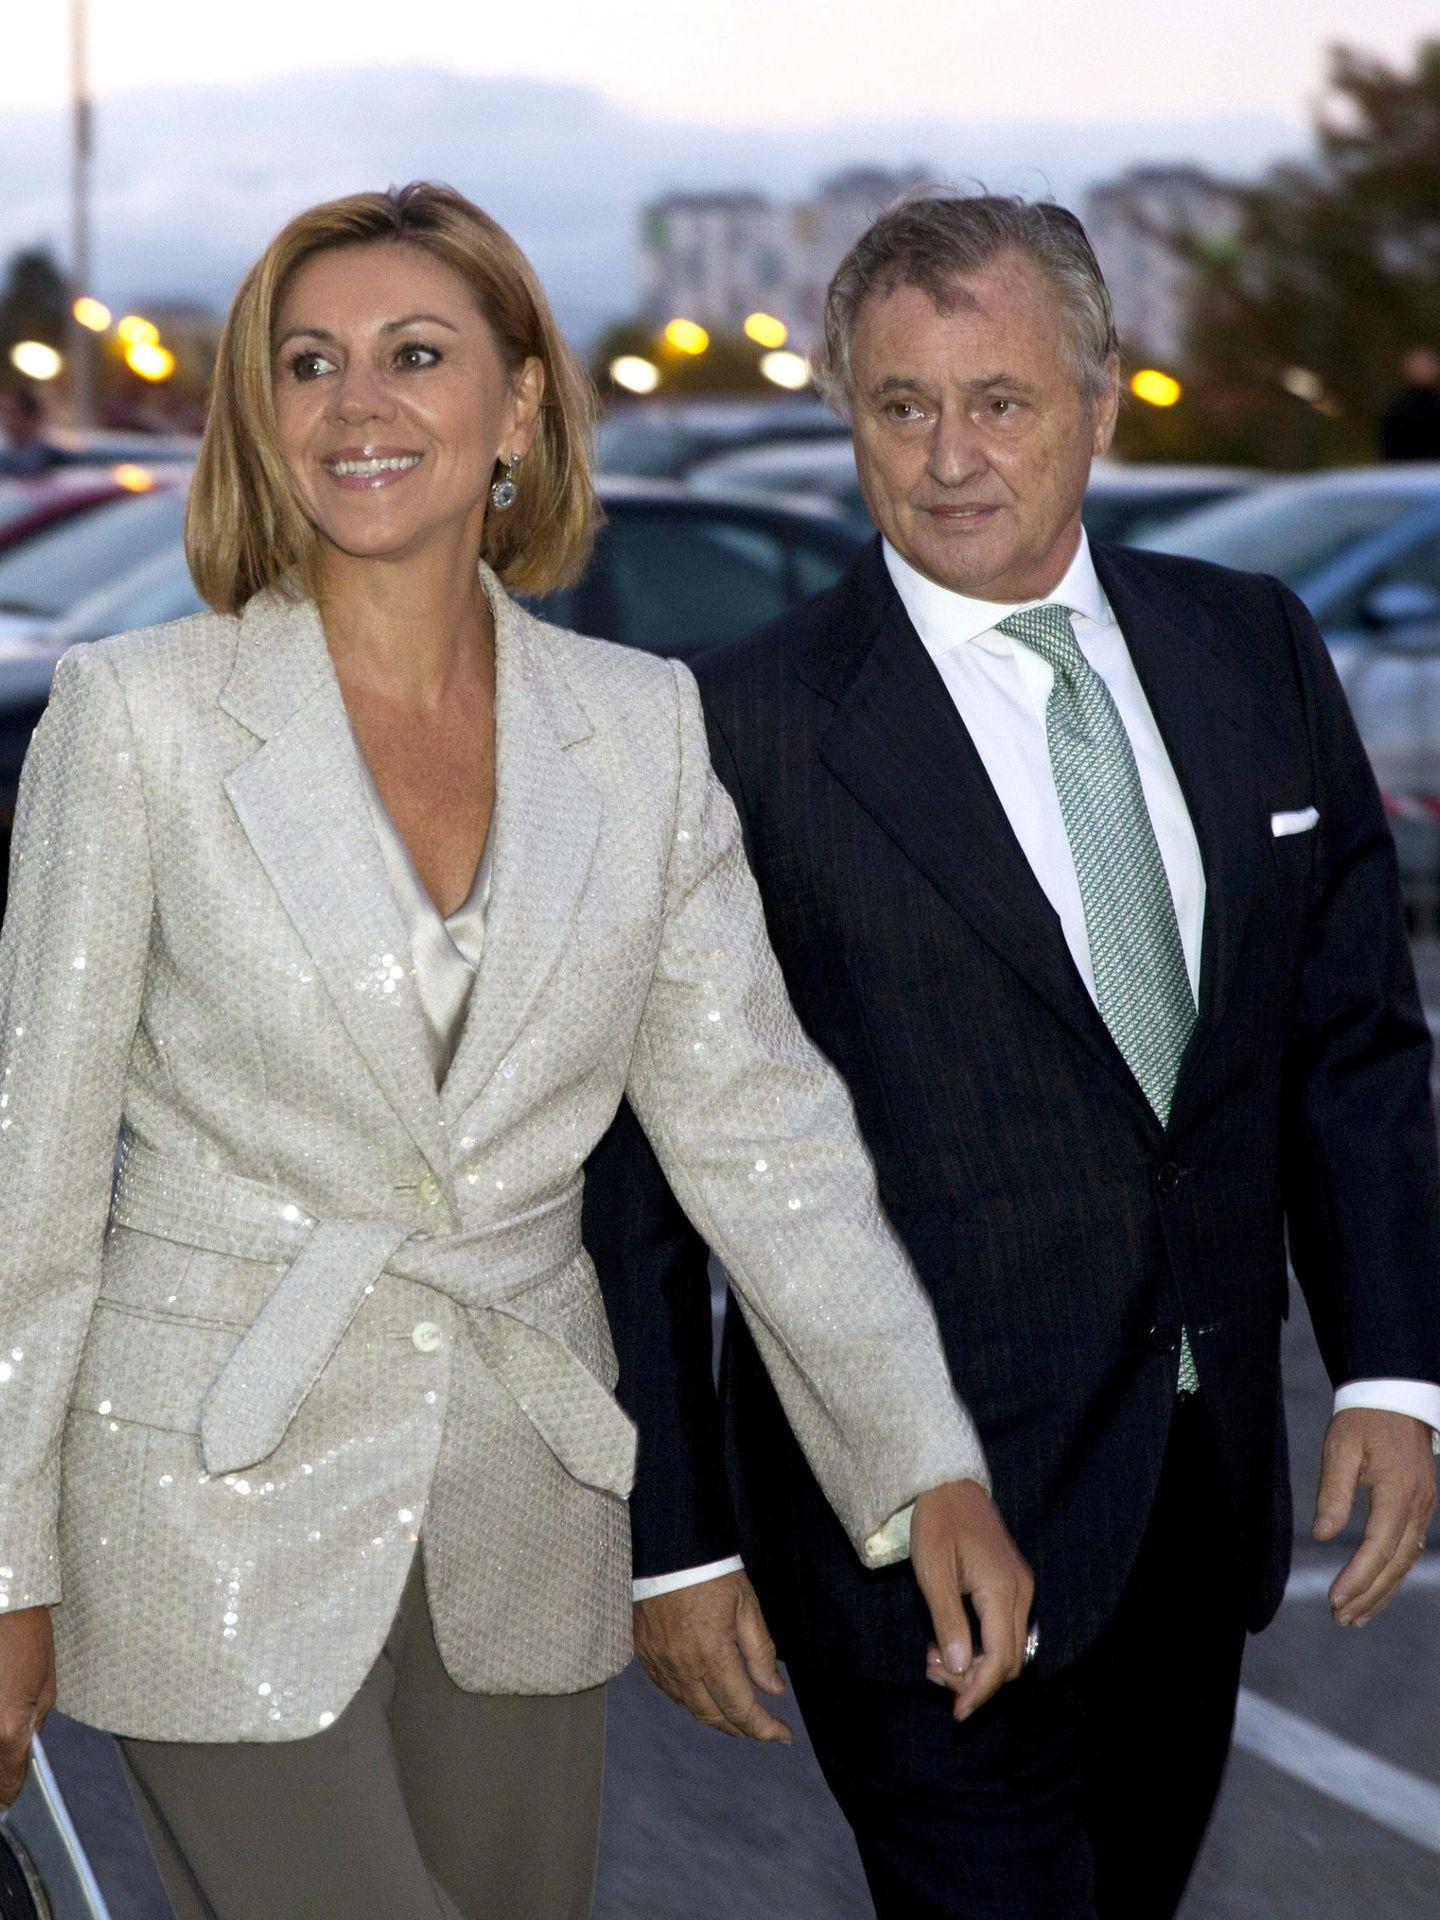 María Dolores de Cospedal e Ignacio López, en la boda de Javier Maroto. (EFE)